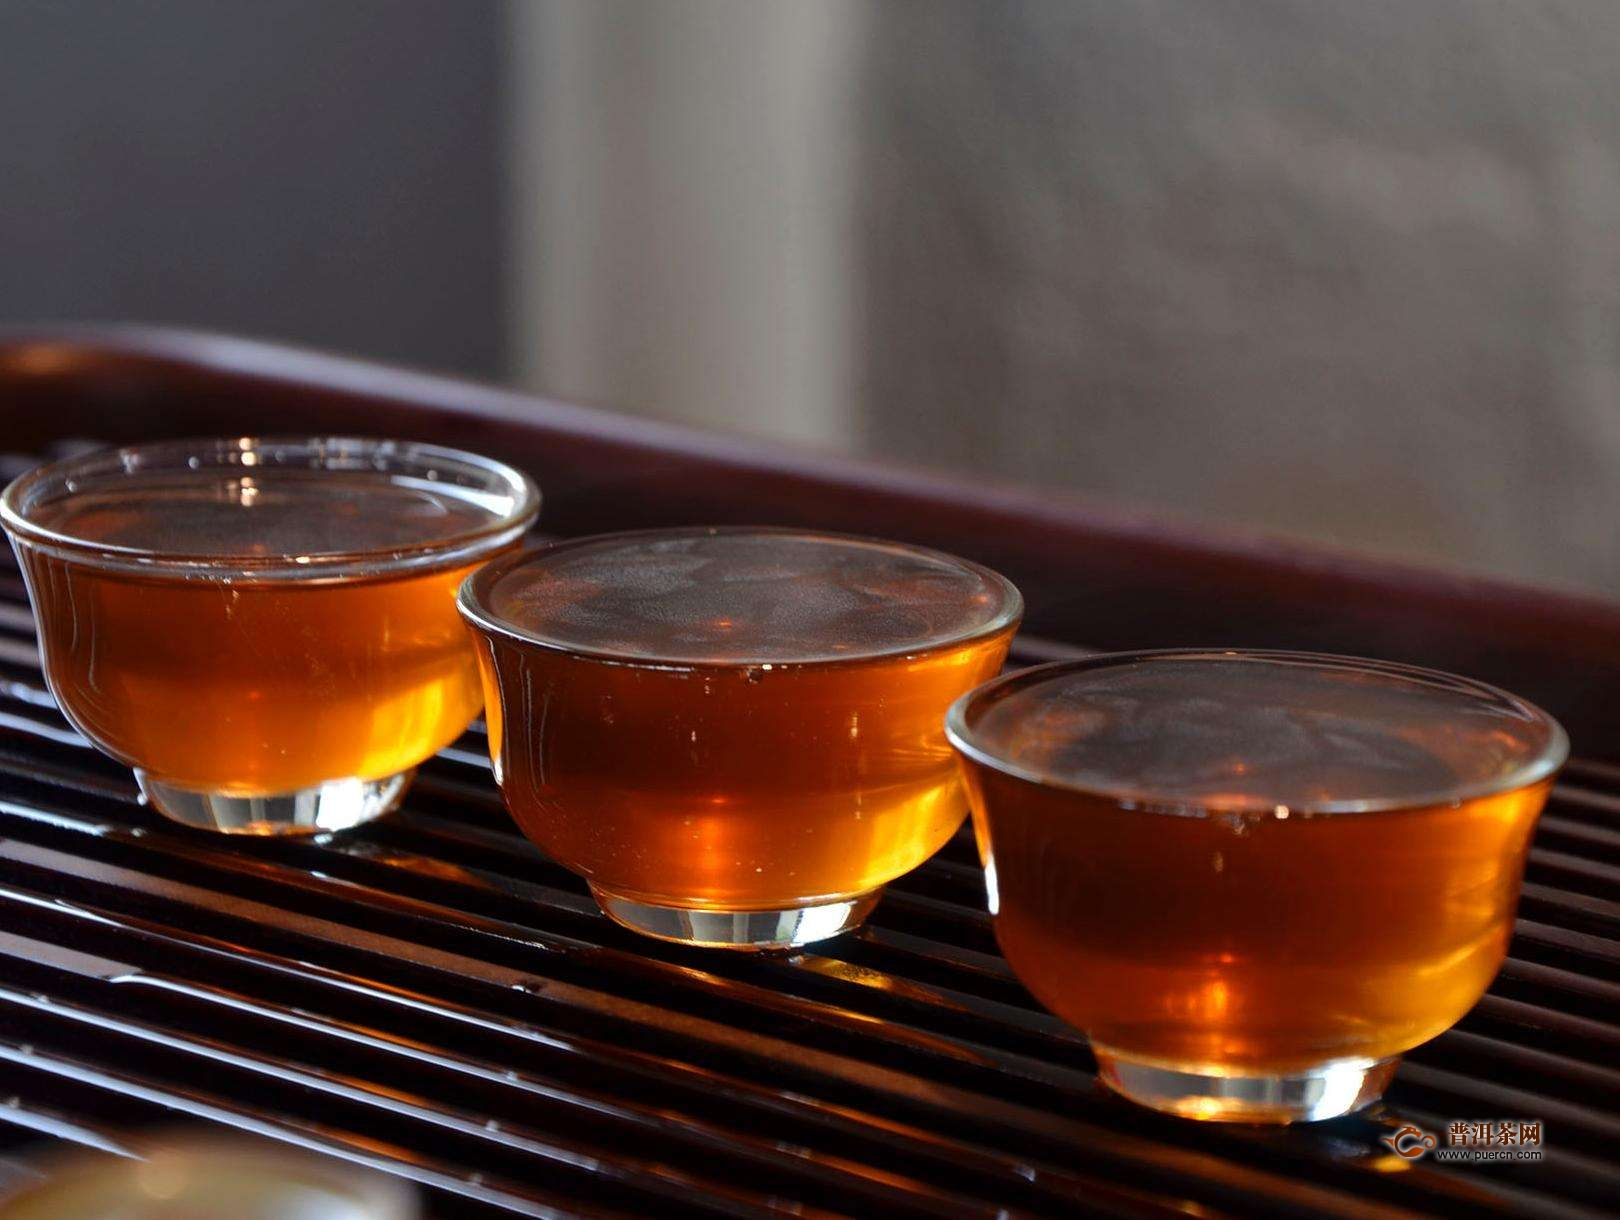 藏茶的功效与作用,长期喝藏茶的注意事项